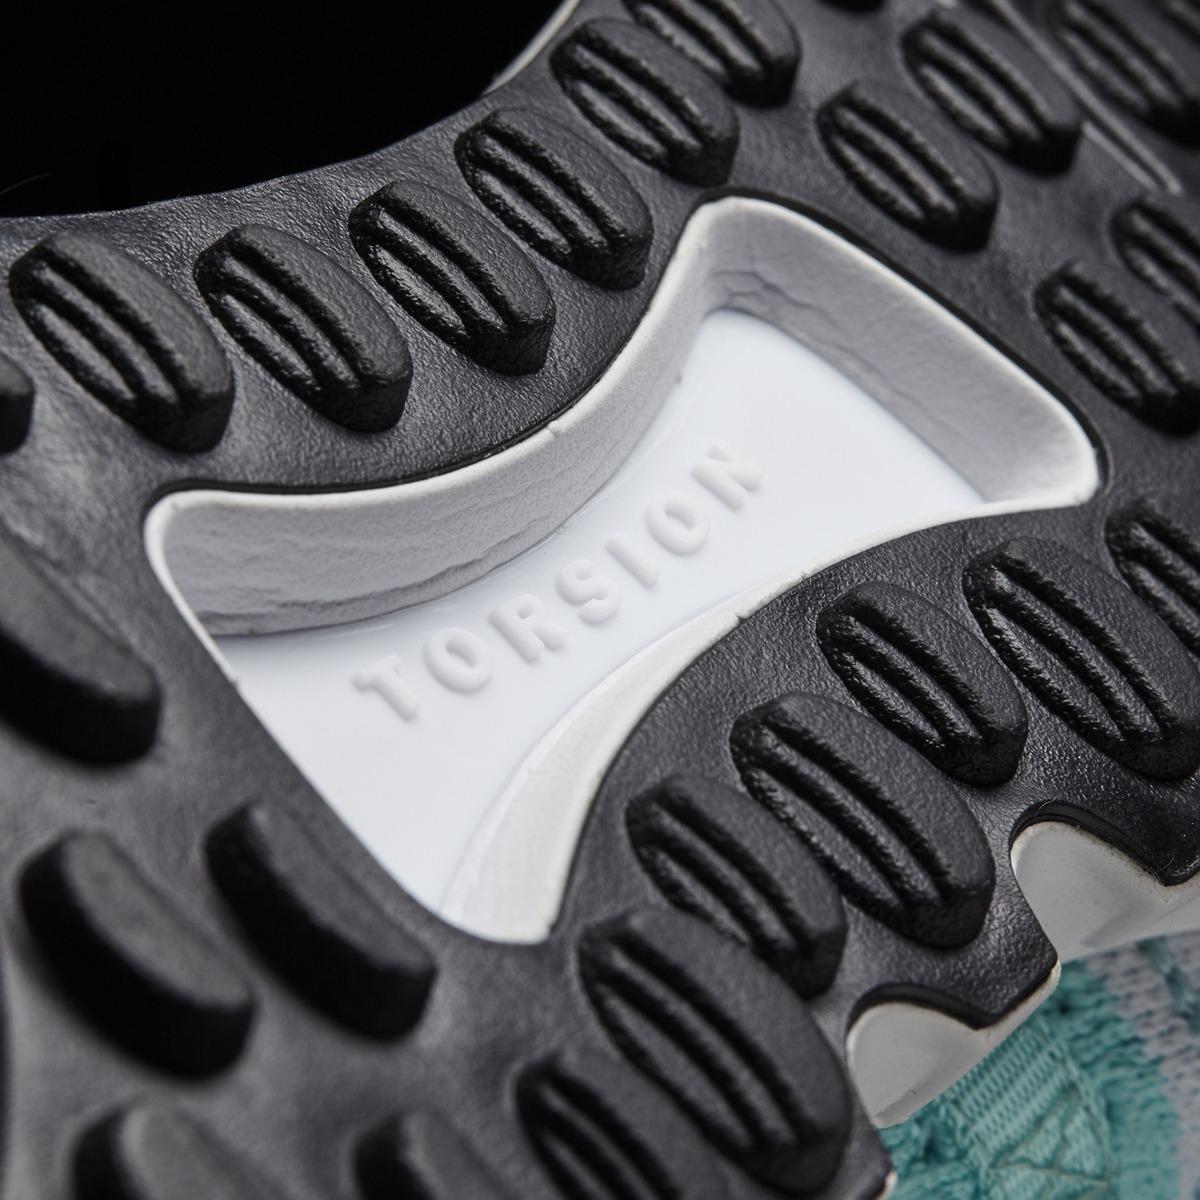 promo code 5f65e 3ce02 zapatillas adidas originals eqt support rf pk w mujer vabl. Cargando zoom.